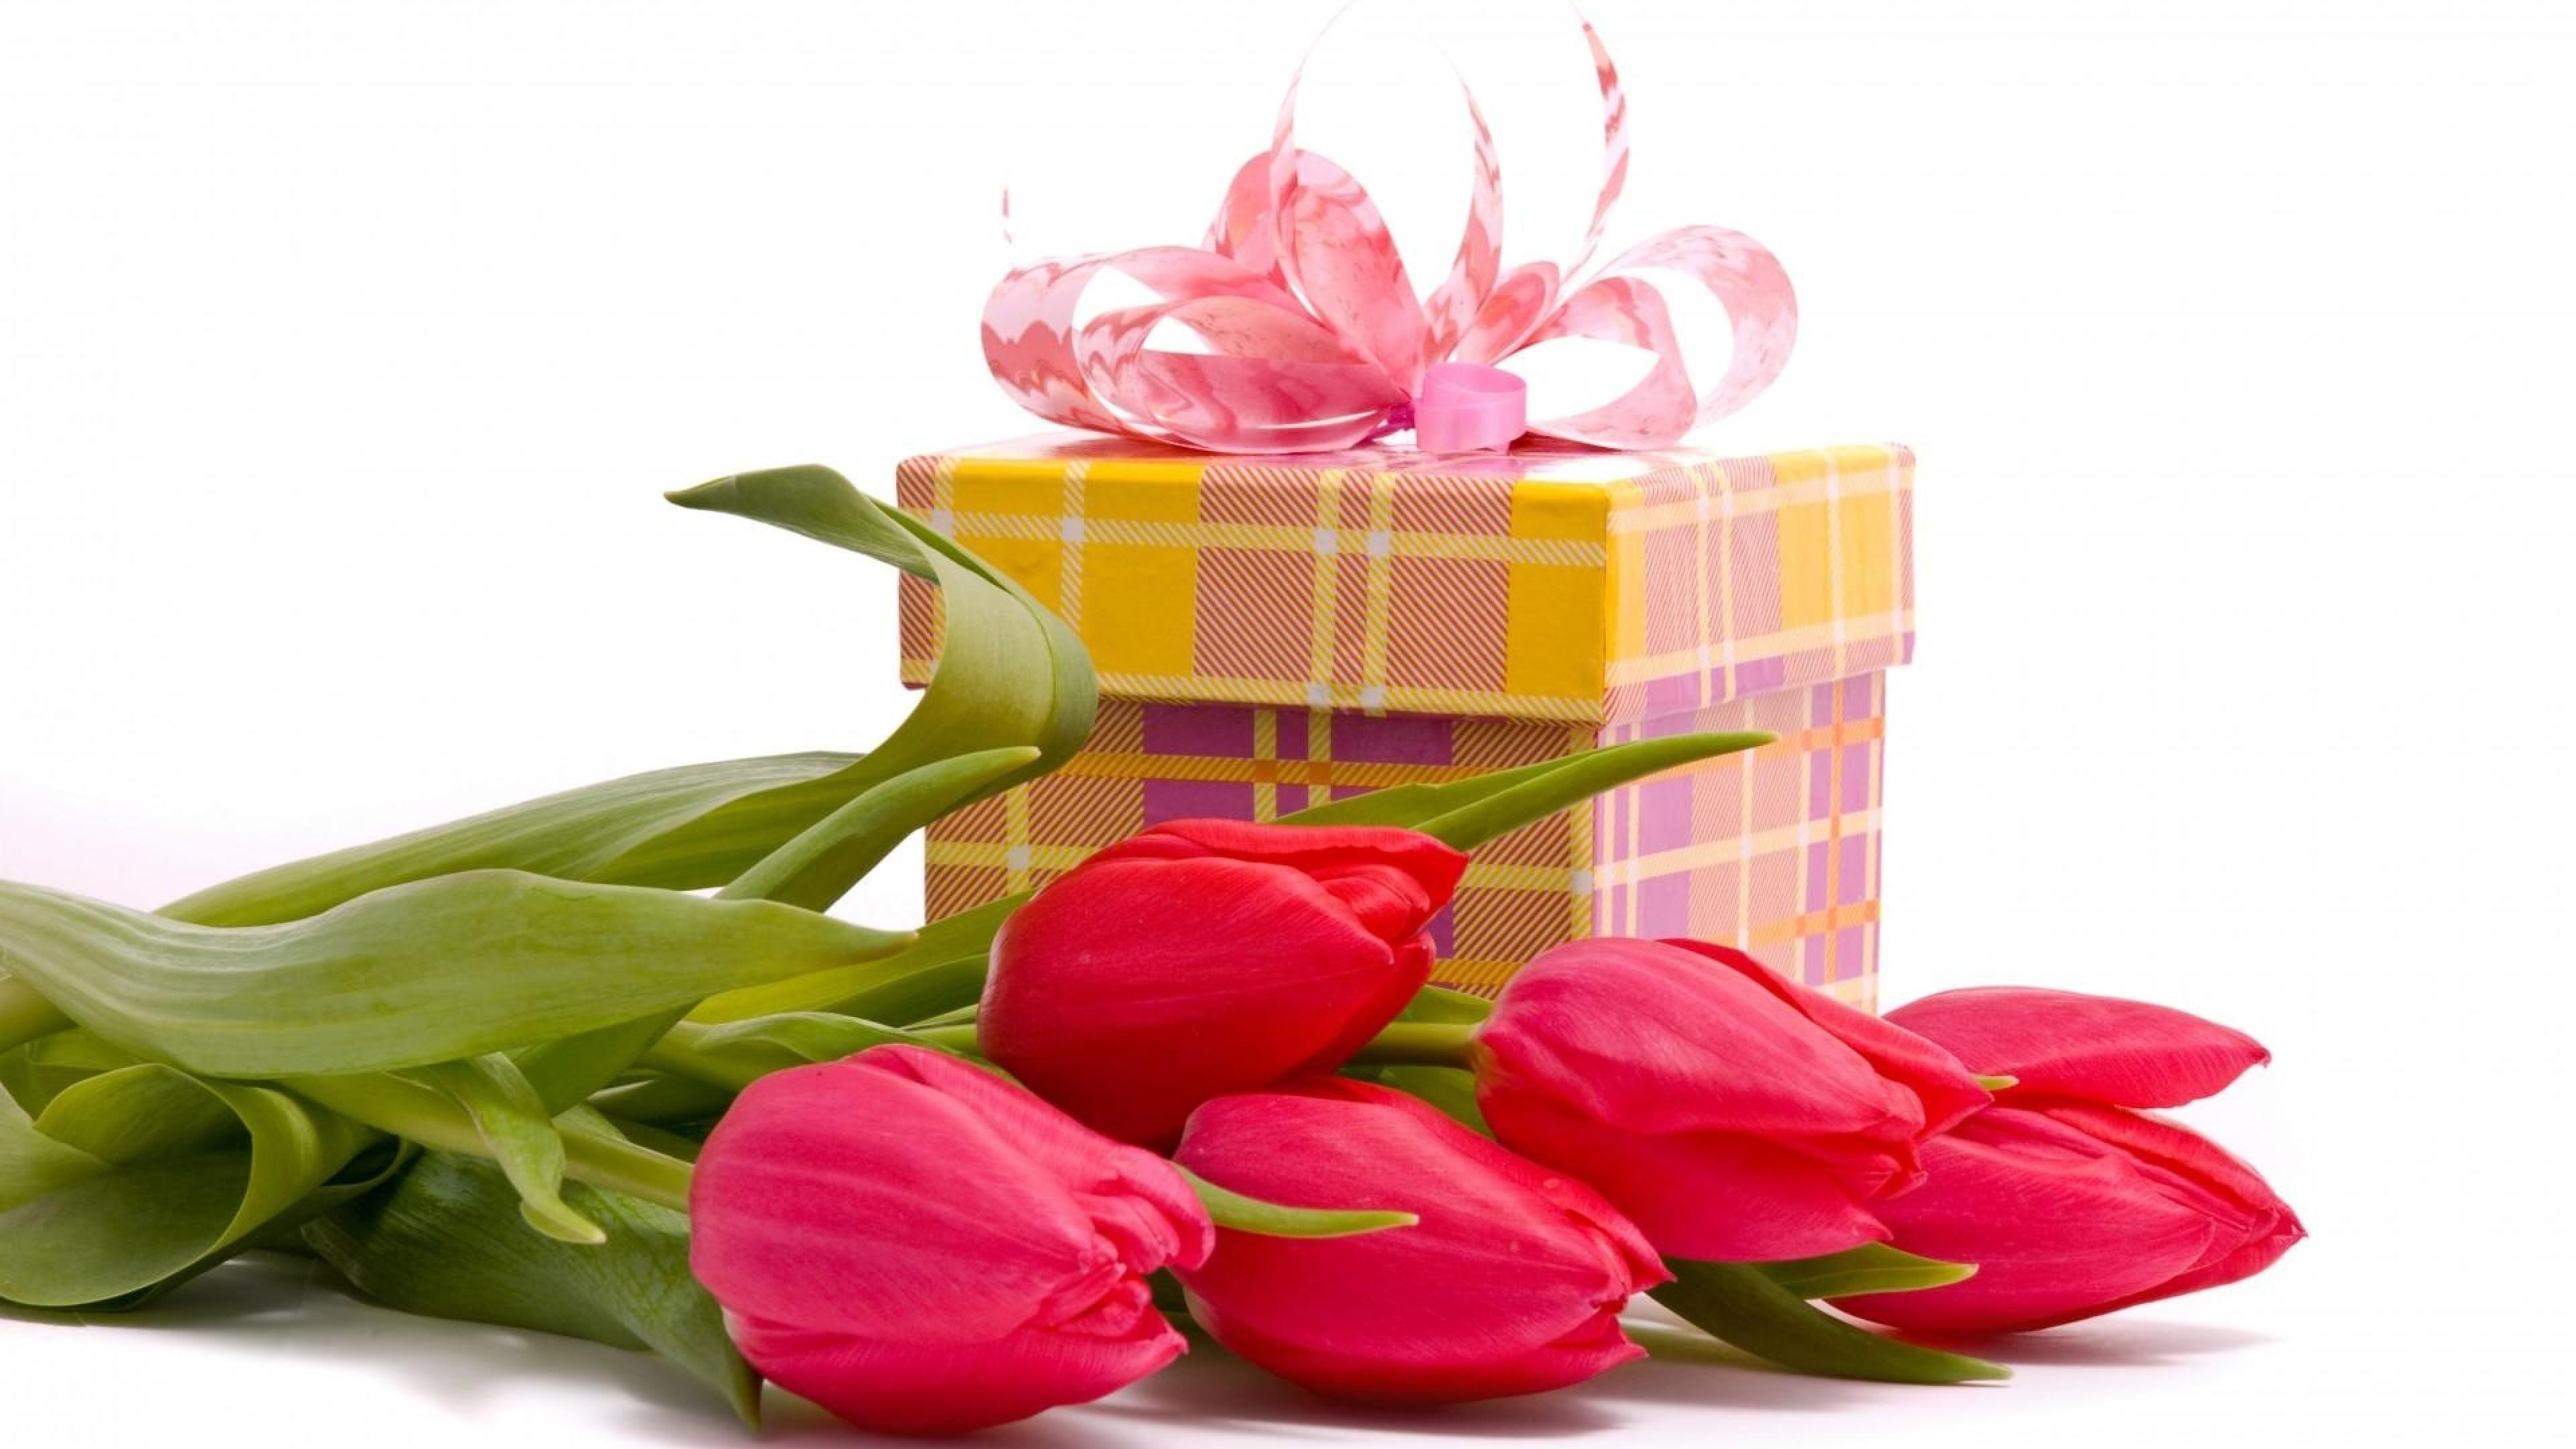 Поздравления с днем рождения тюльпаны картинки